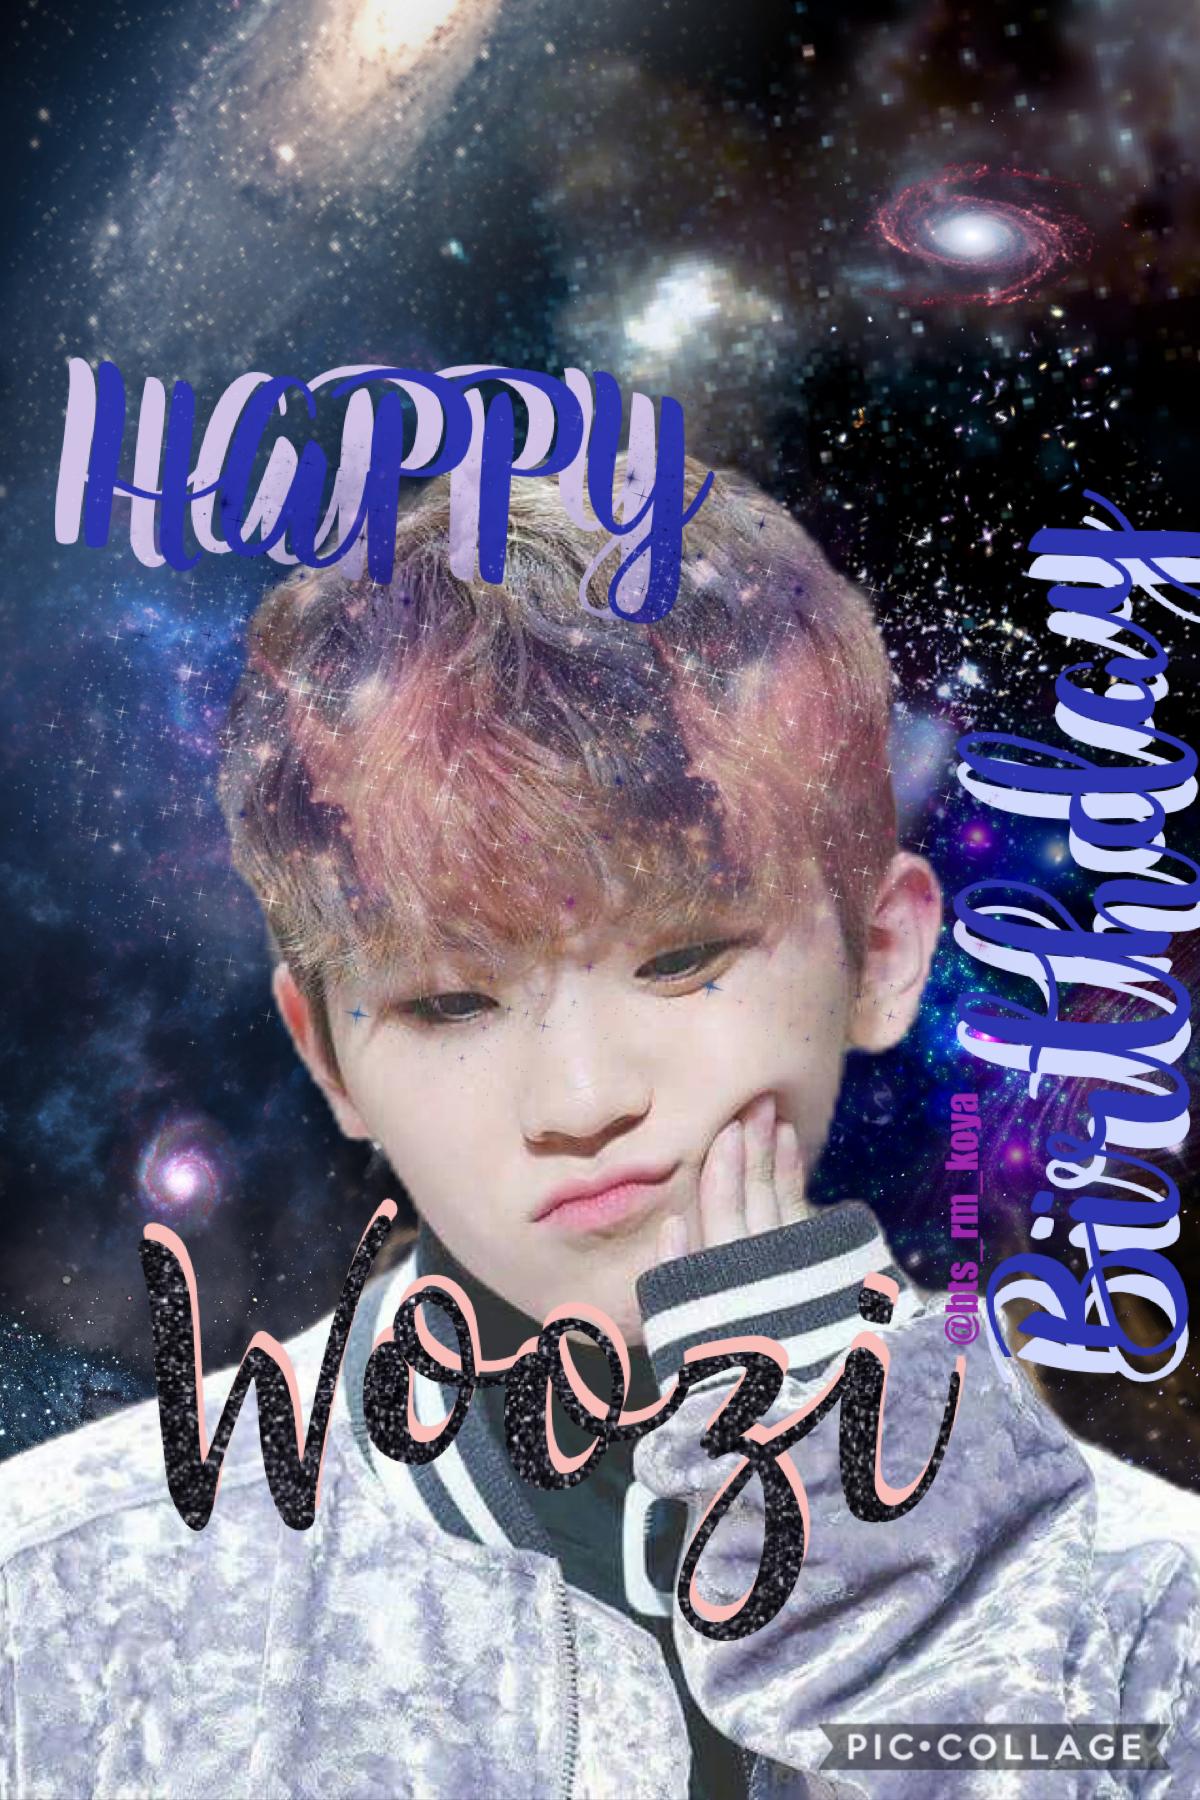 HAPPY BIRTHDAY WOOZI